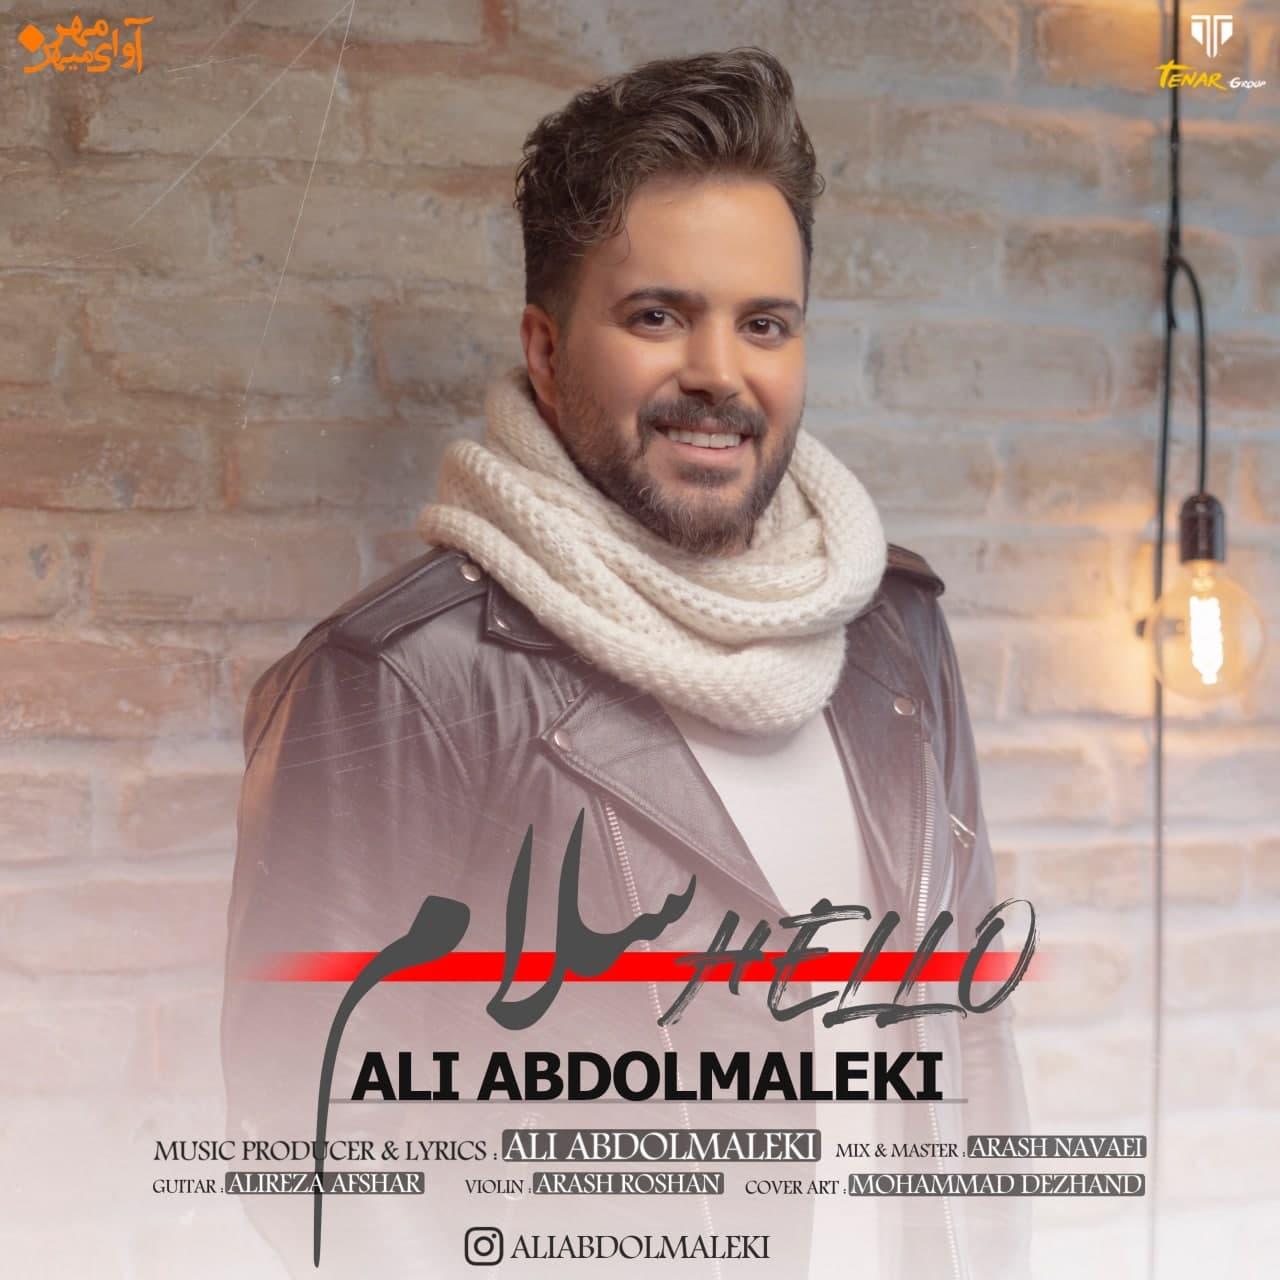 دانلود موزیک جدید علی عبدالمالکی سلام